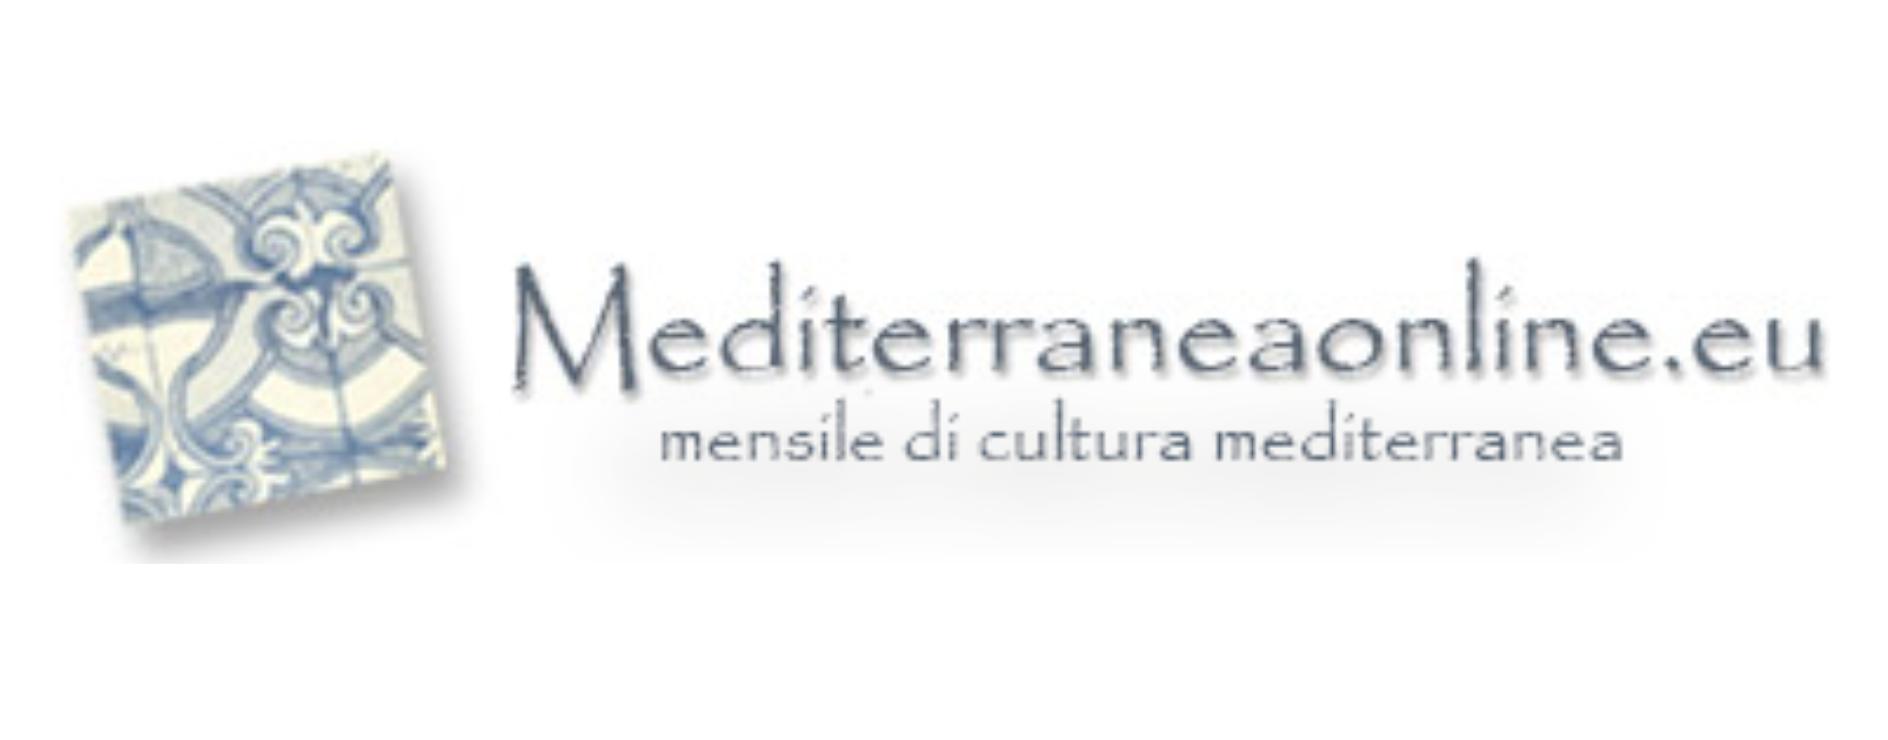 Specchi ad angoli obliqui. Diario poetico di Elisabetta d'Austria - www.mediterraneaonline.eu